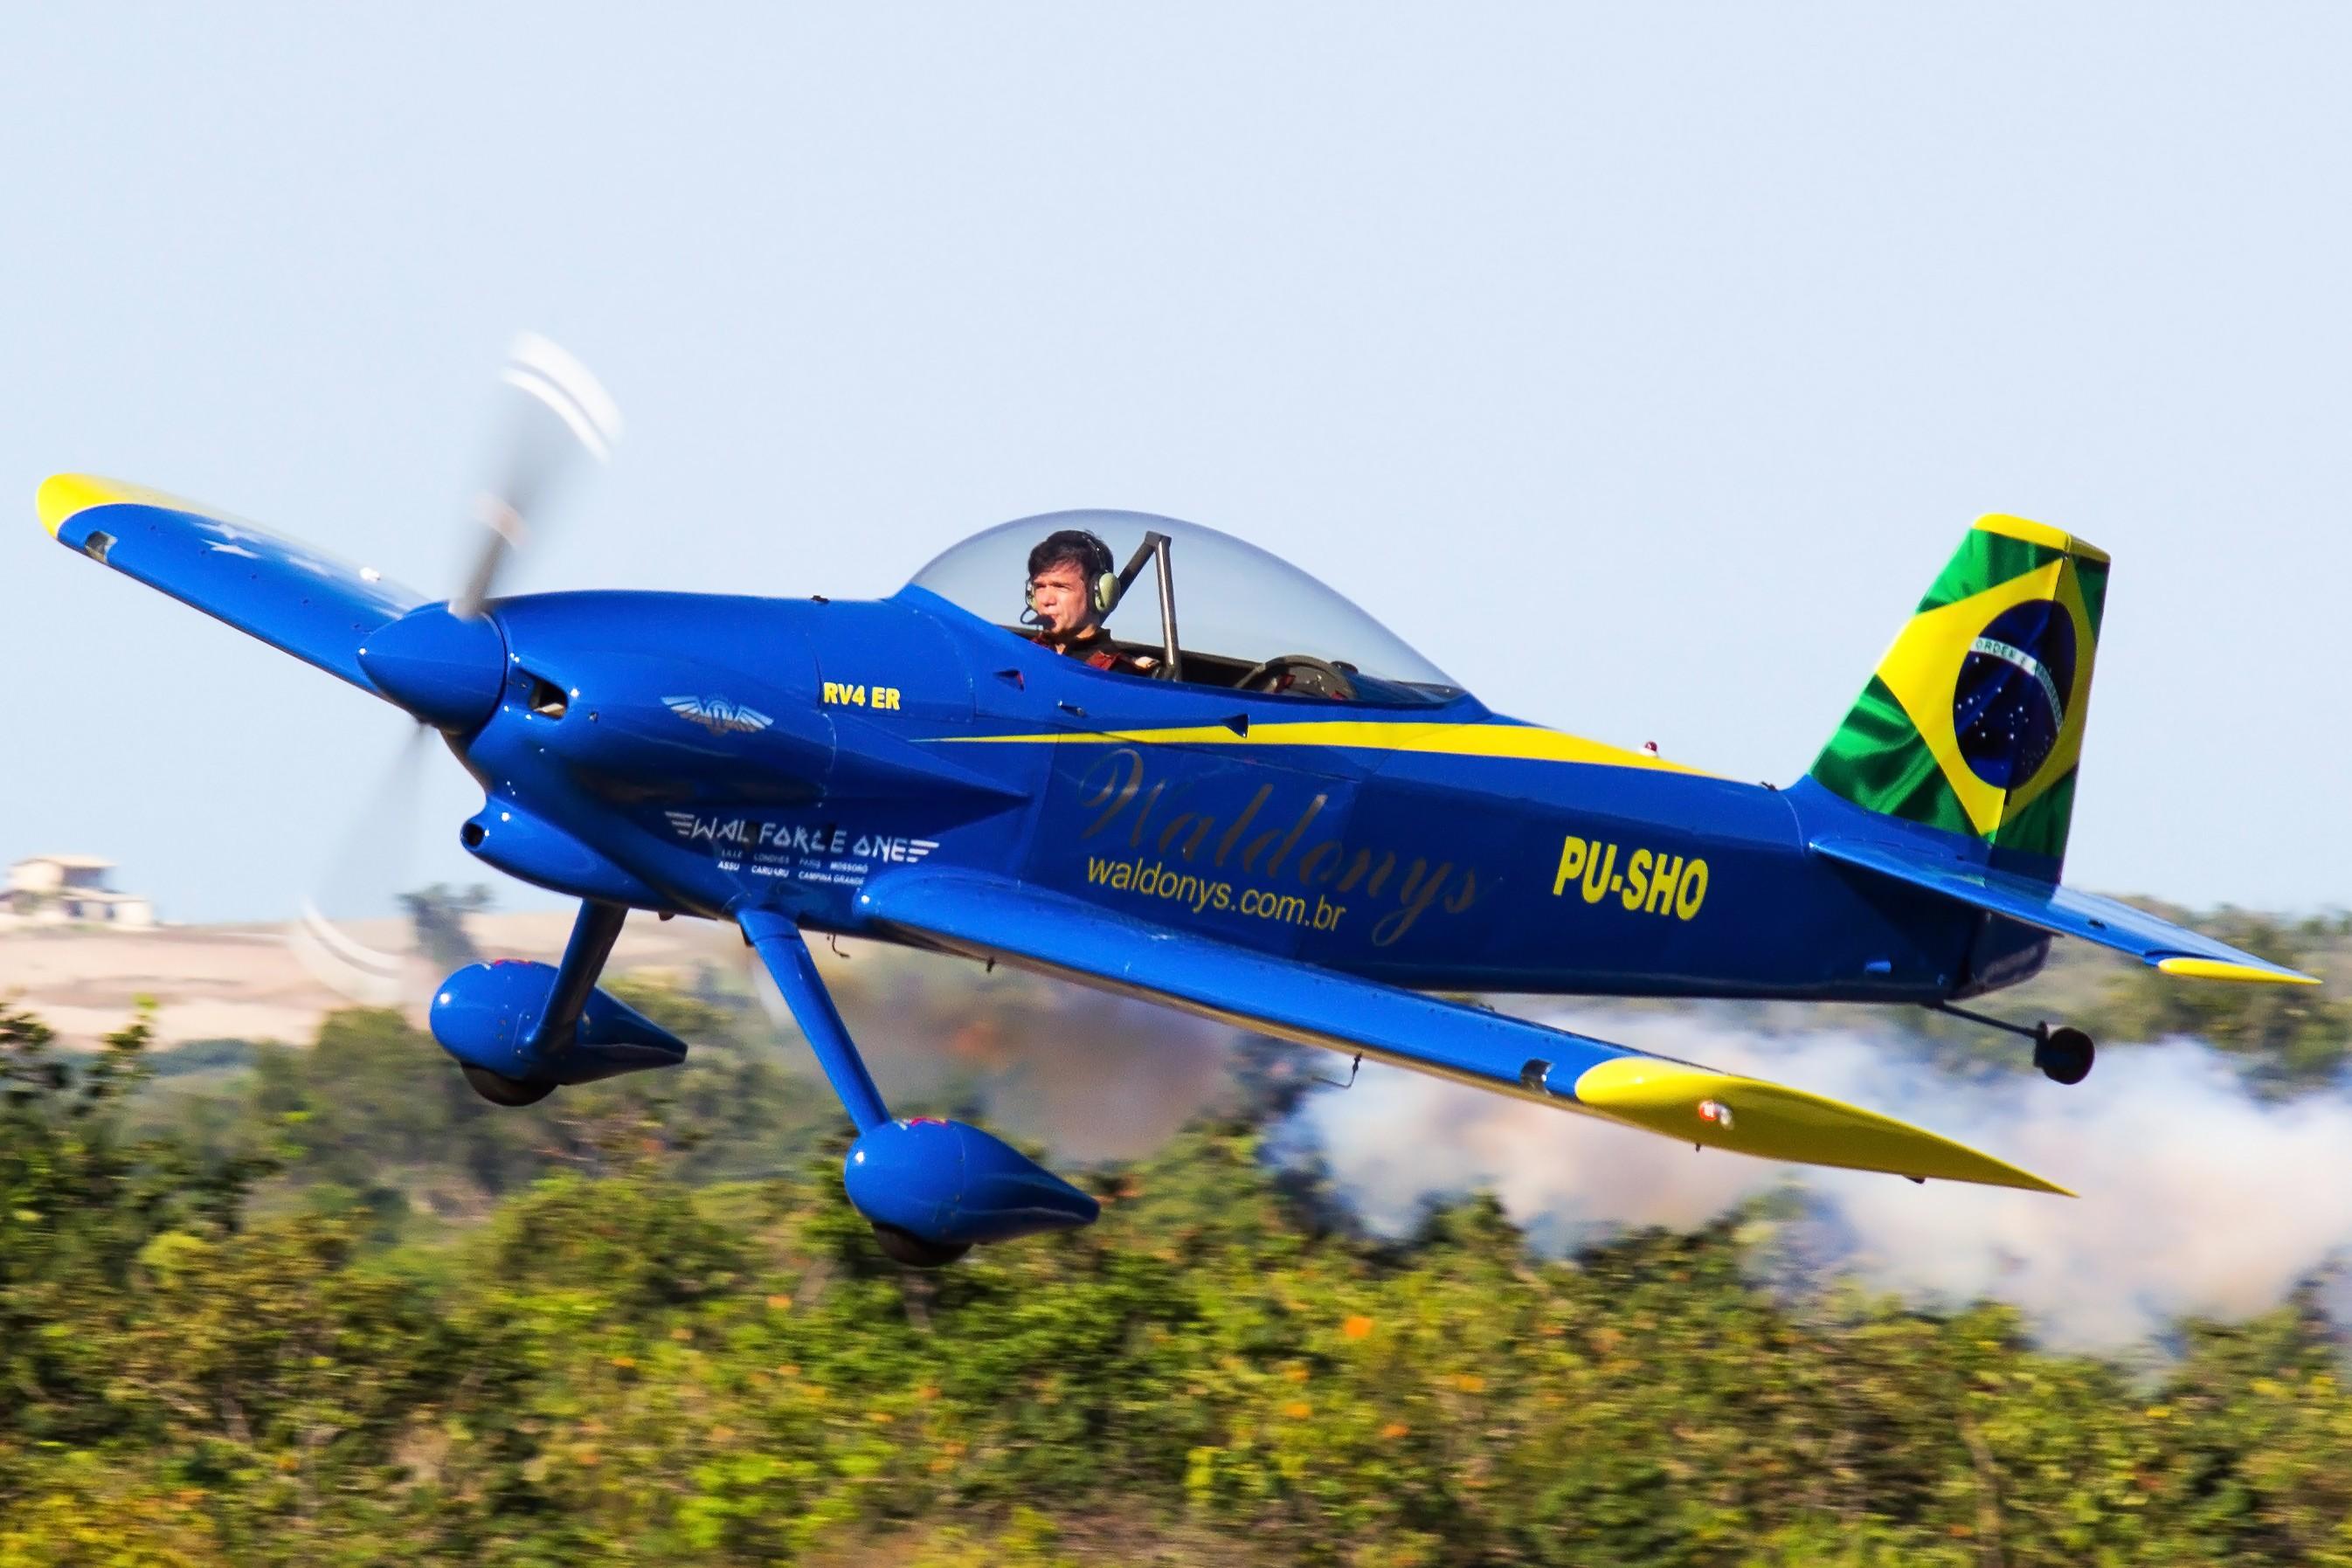 Com presença de Waldonys, evento reúne aeronaves de pequeno porte na Grande Natal - Notícias - Plantão Diário